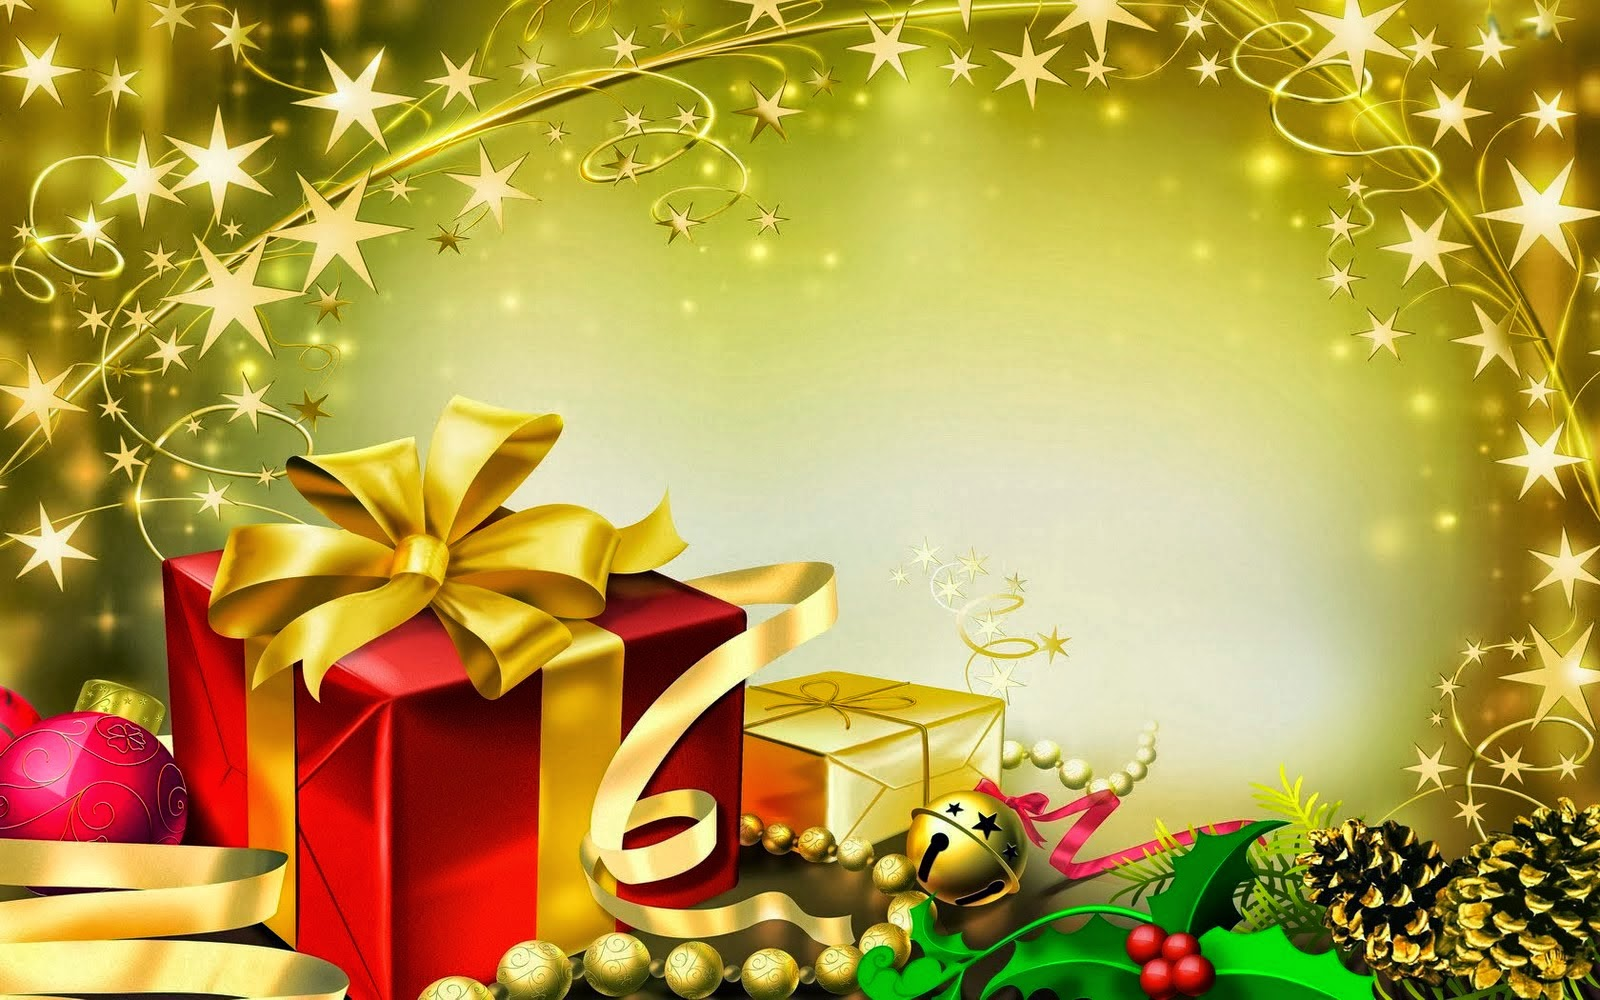 DP BBM Ucapan Selamat Natal Dan Tahun Baru 2015 Berbeda